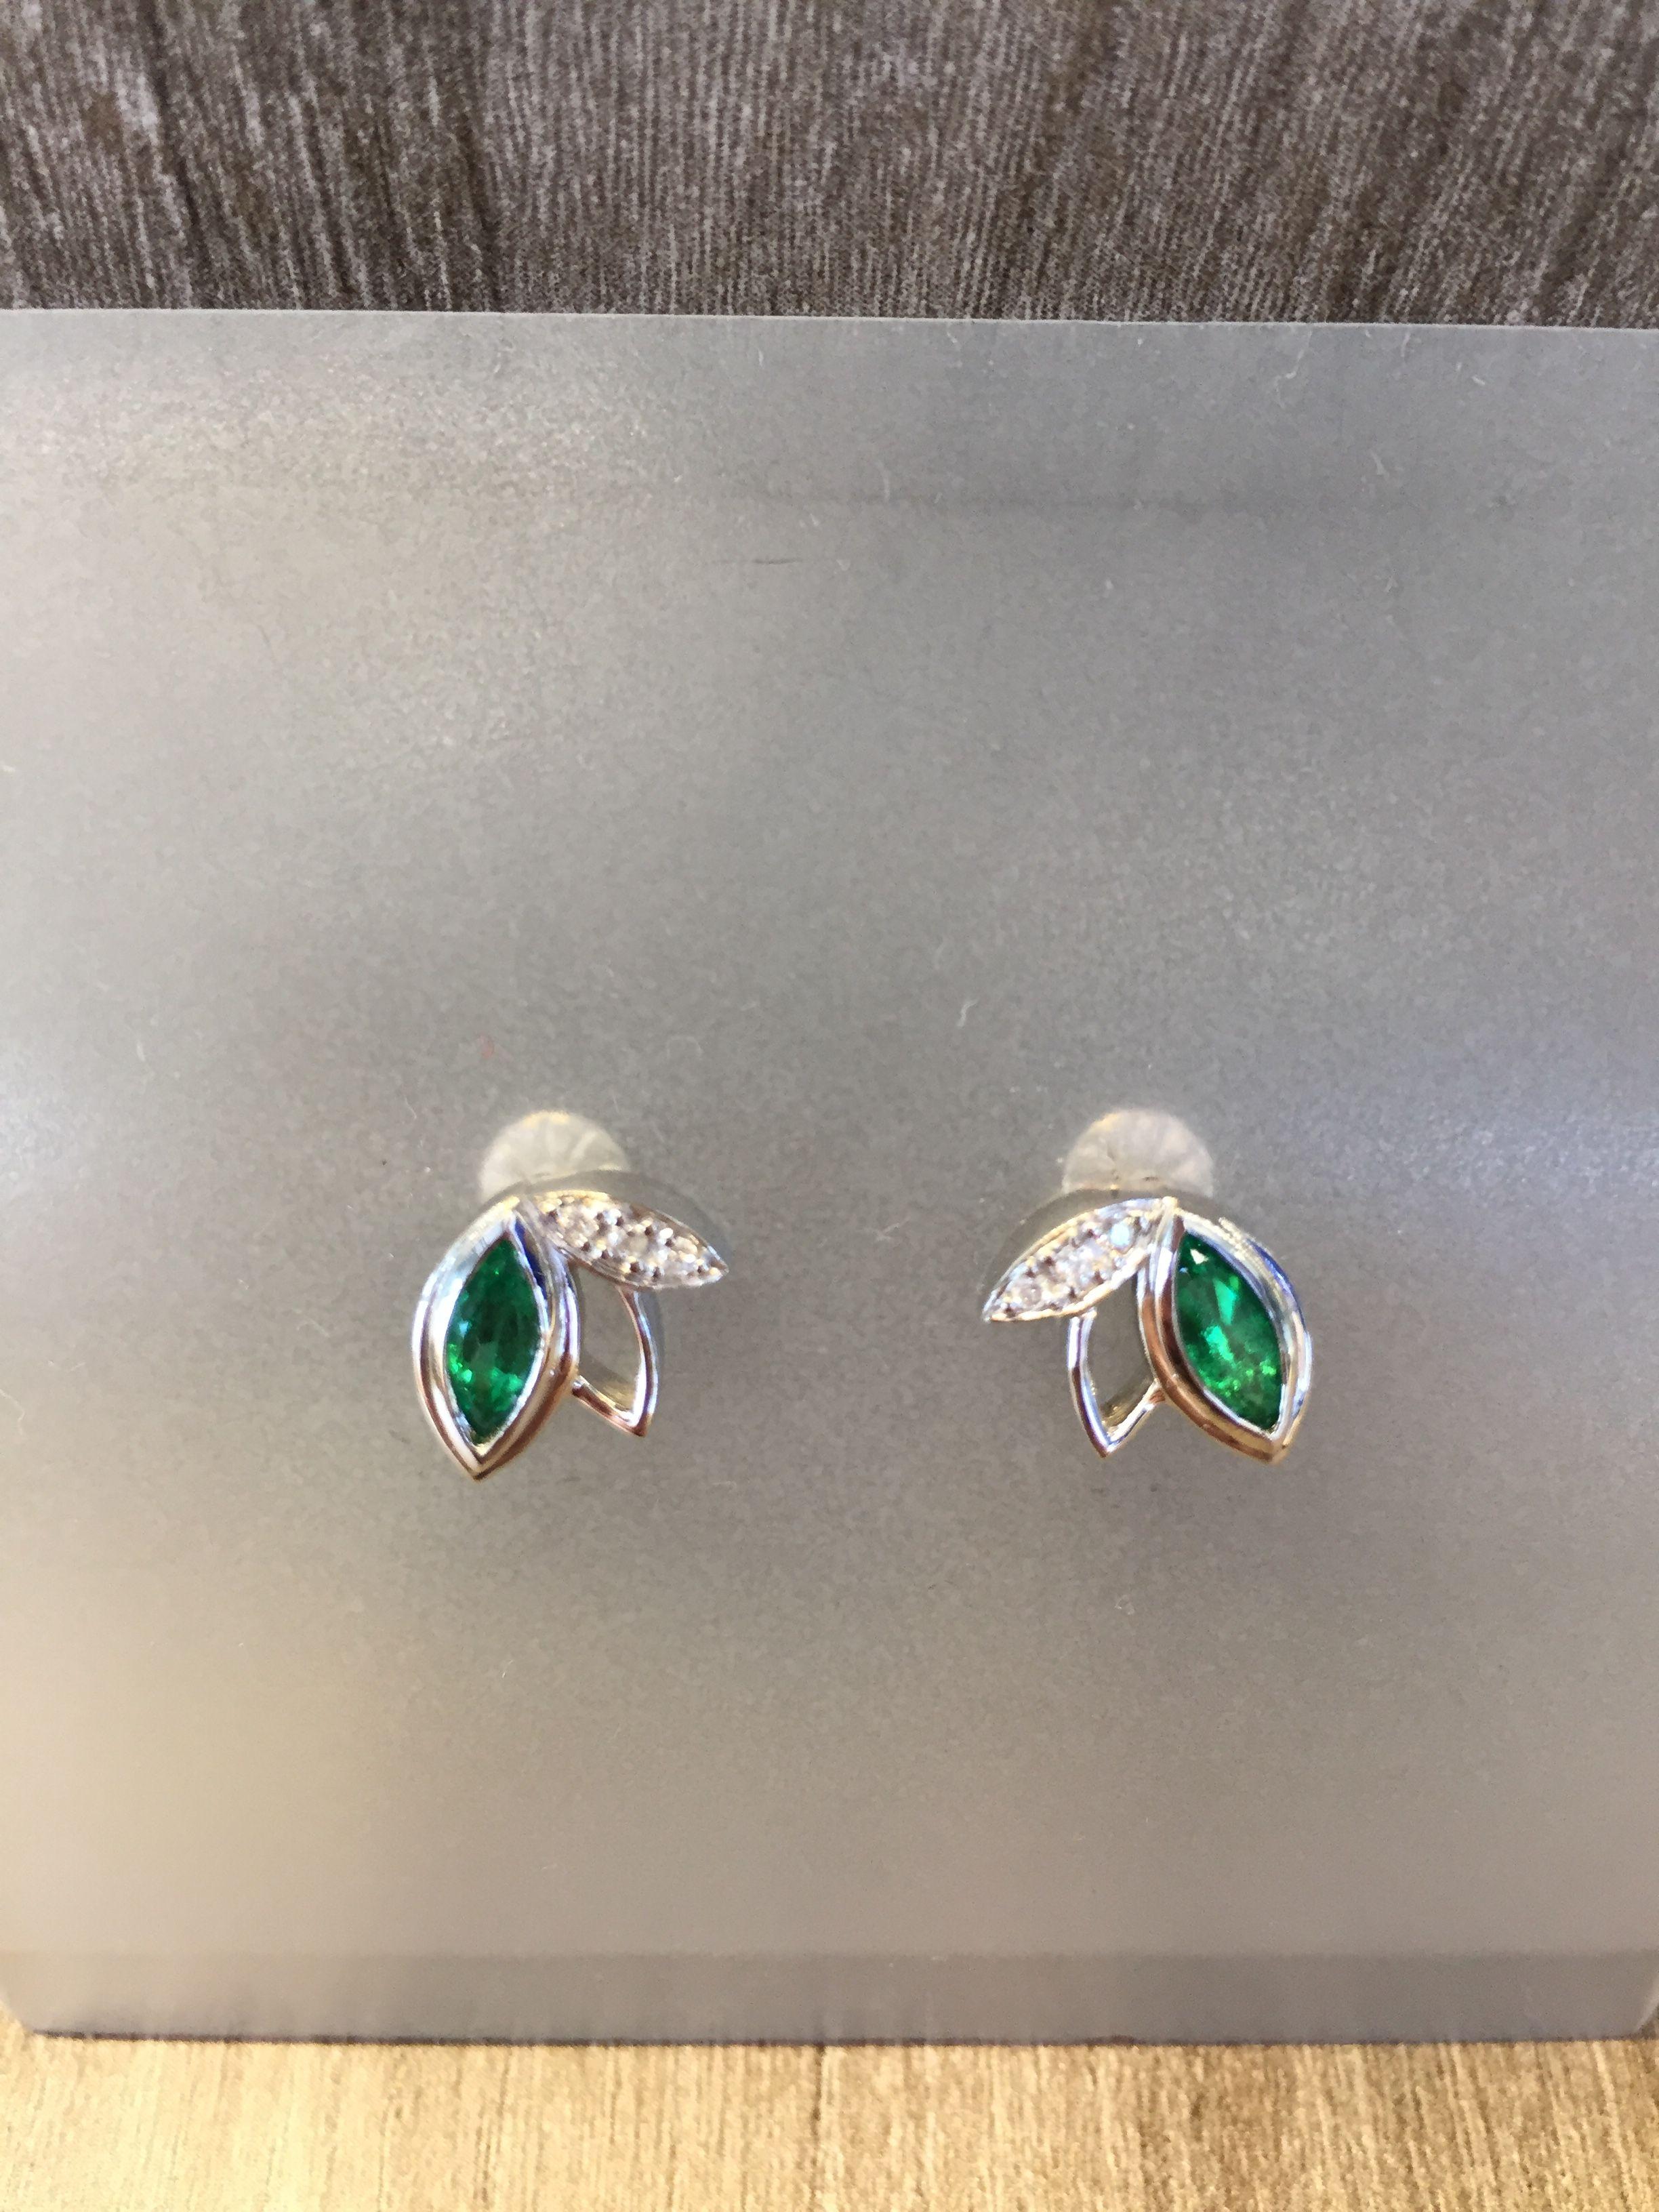 ca4108269310 Topos en oro blanco con esmeraldas y diamantes | Joyería en Oro ...